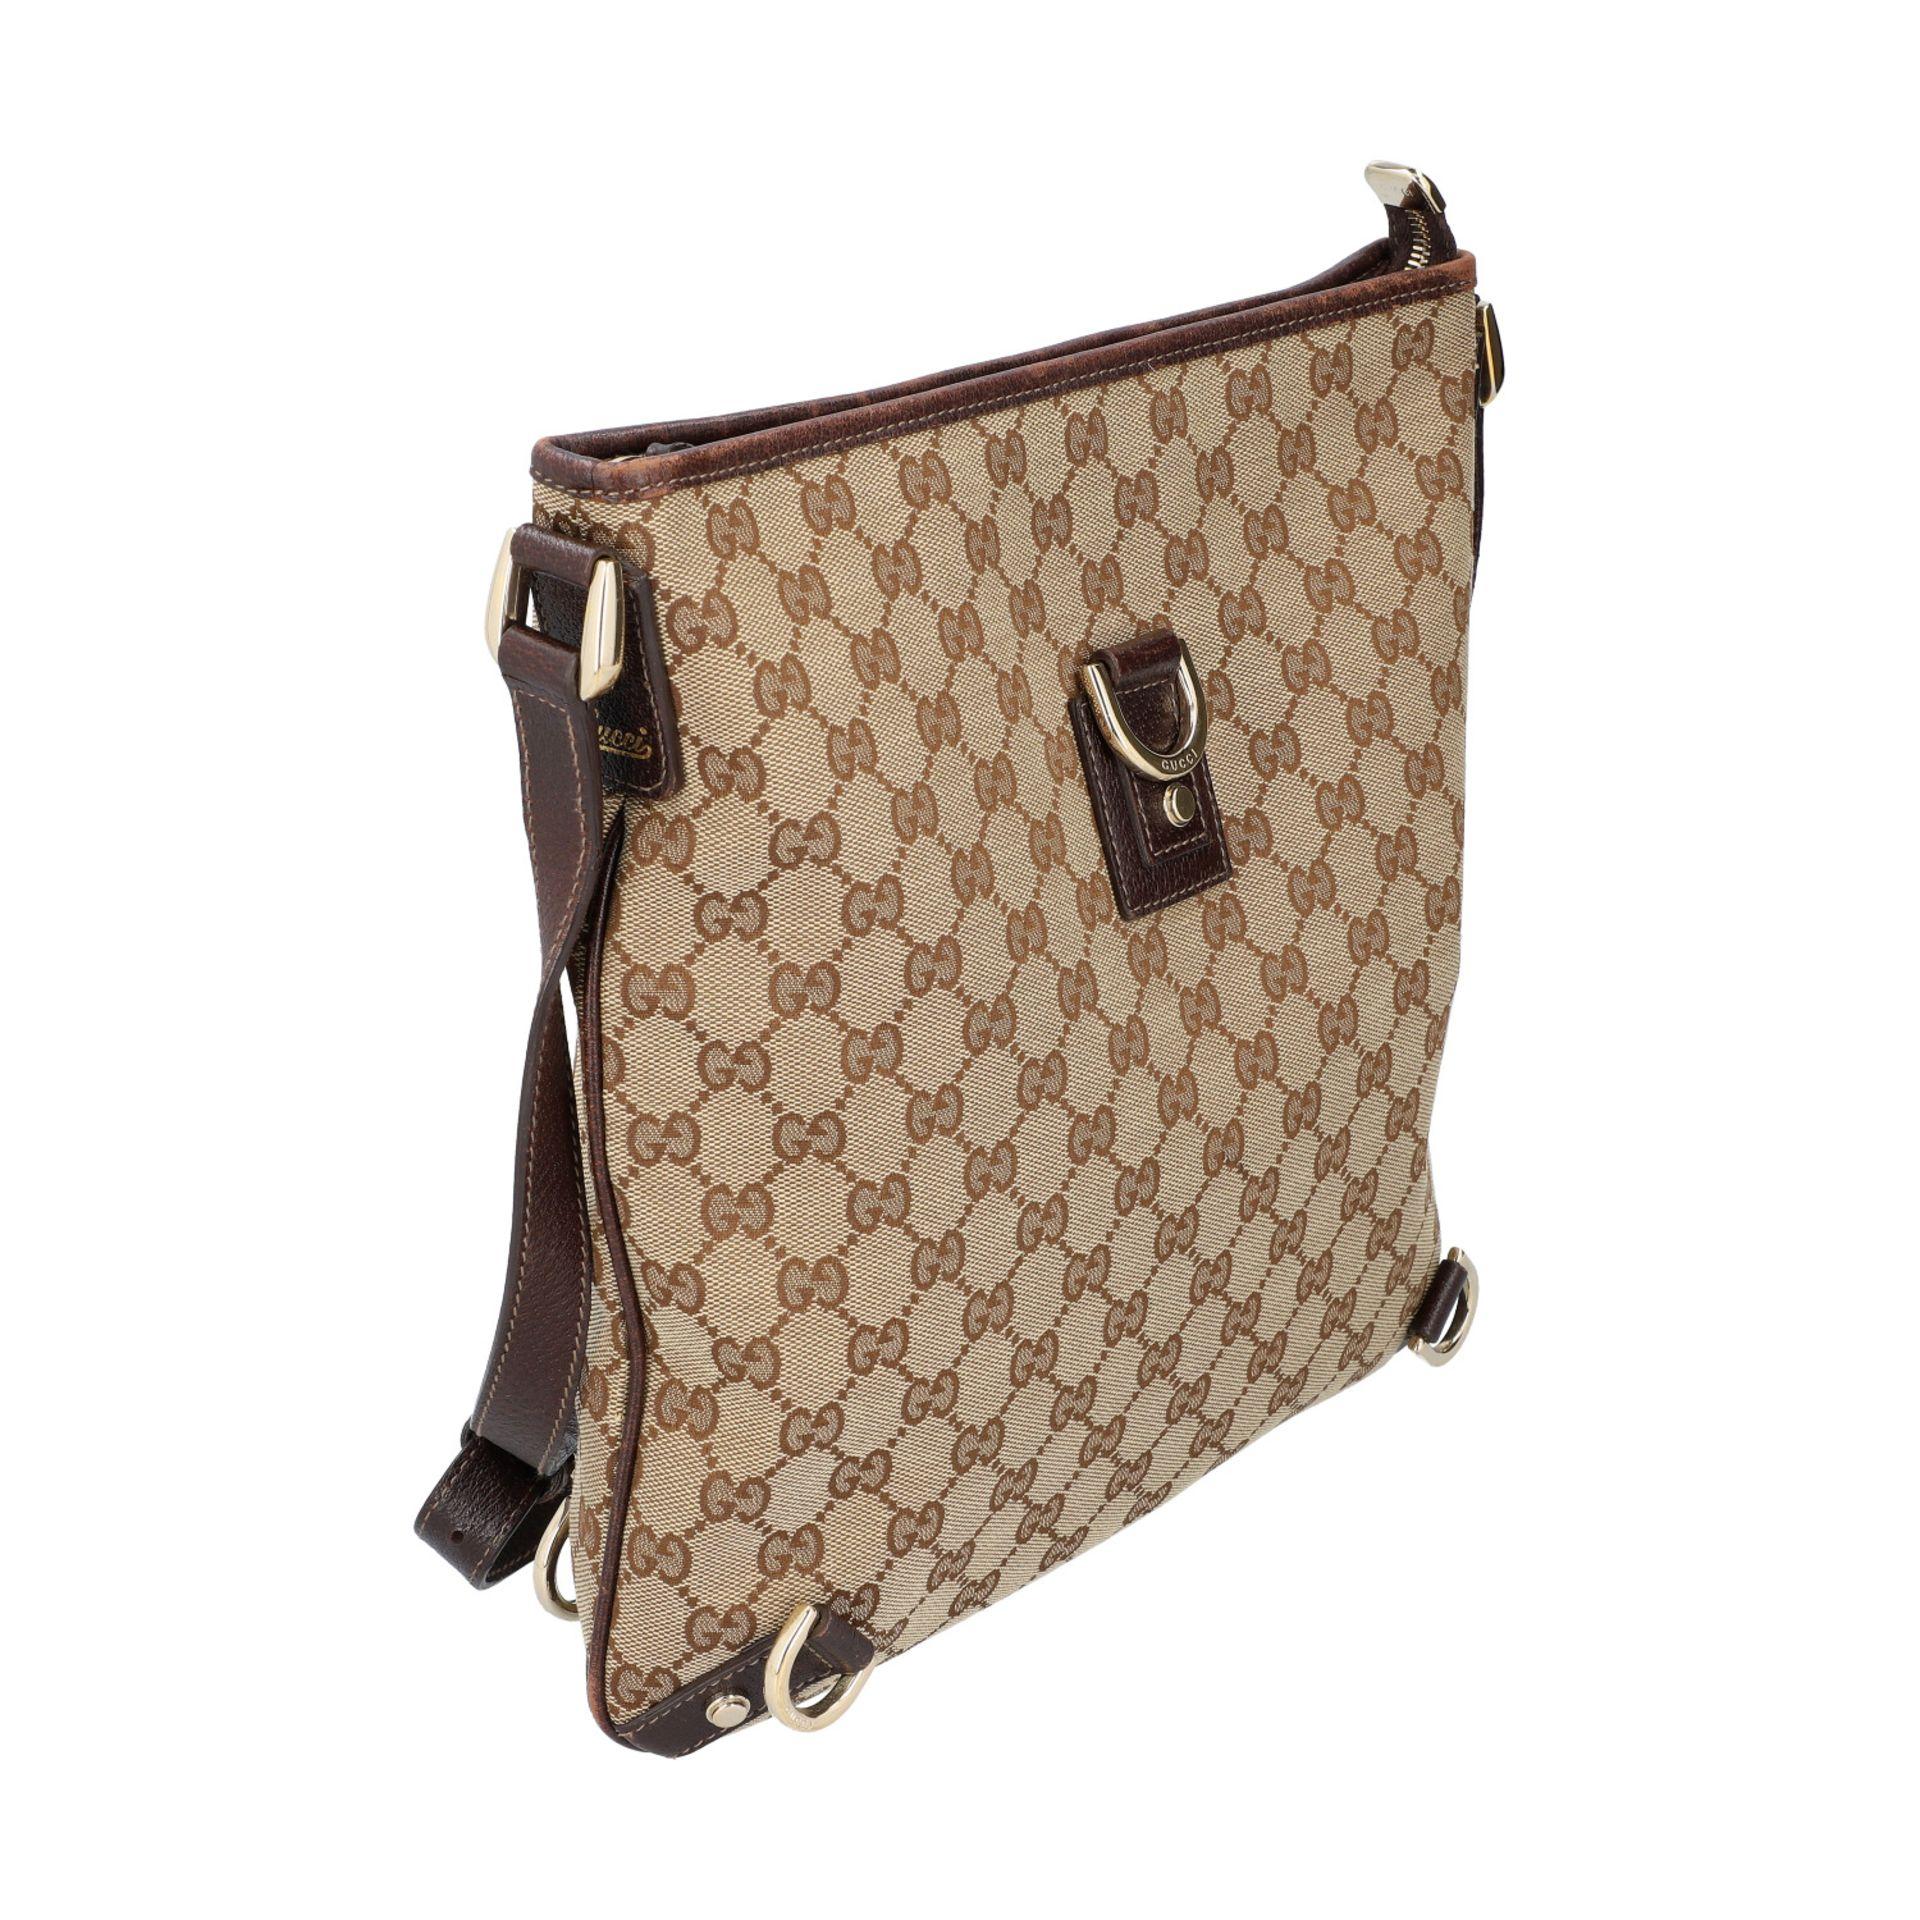 GUCCI Handtasche. Guccissima Design auf Textil in Beige und Braun, braunfarbene Leder- - Image 2 of 8